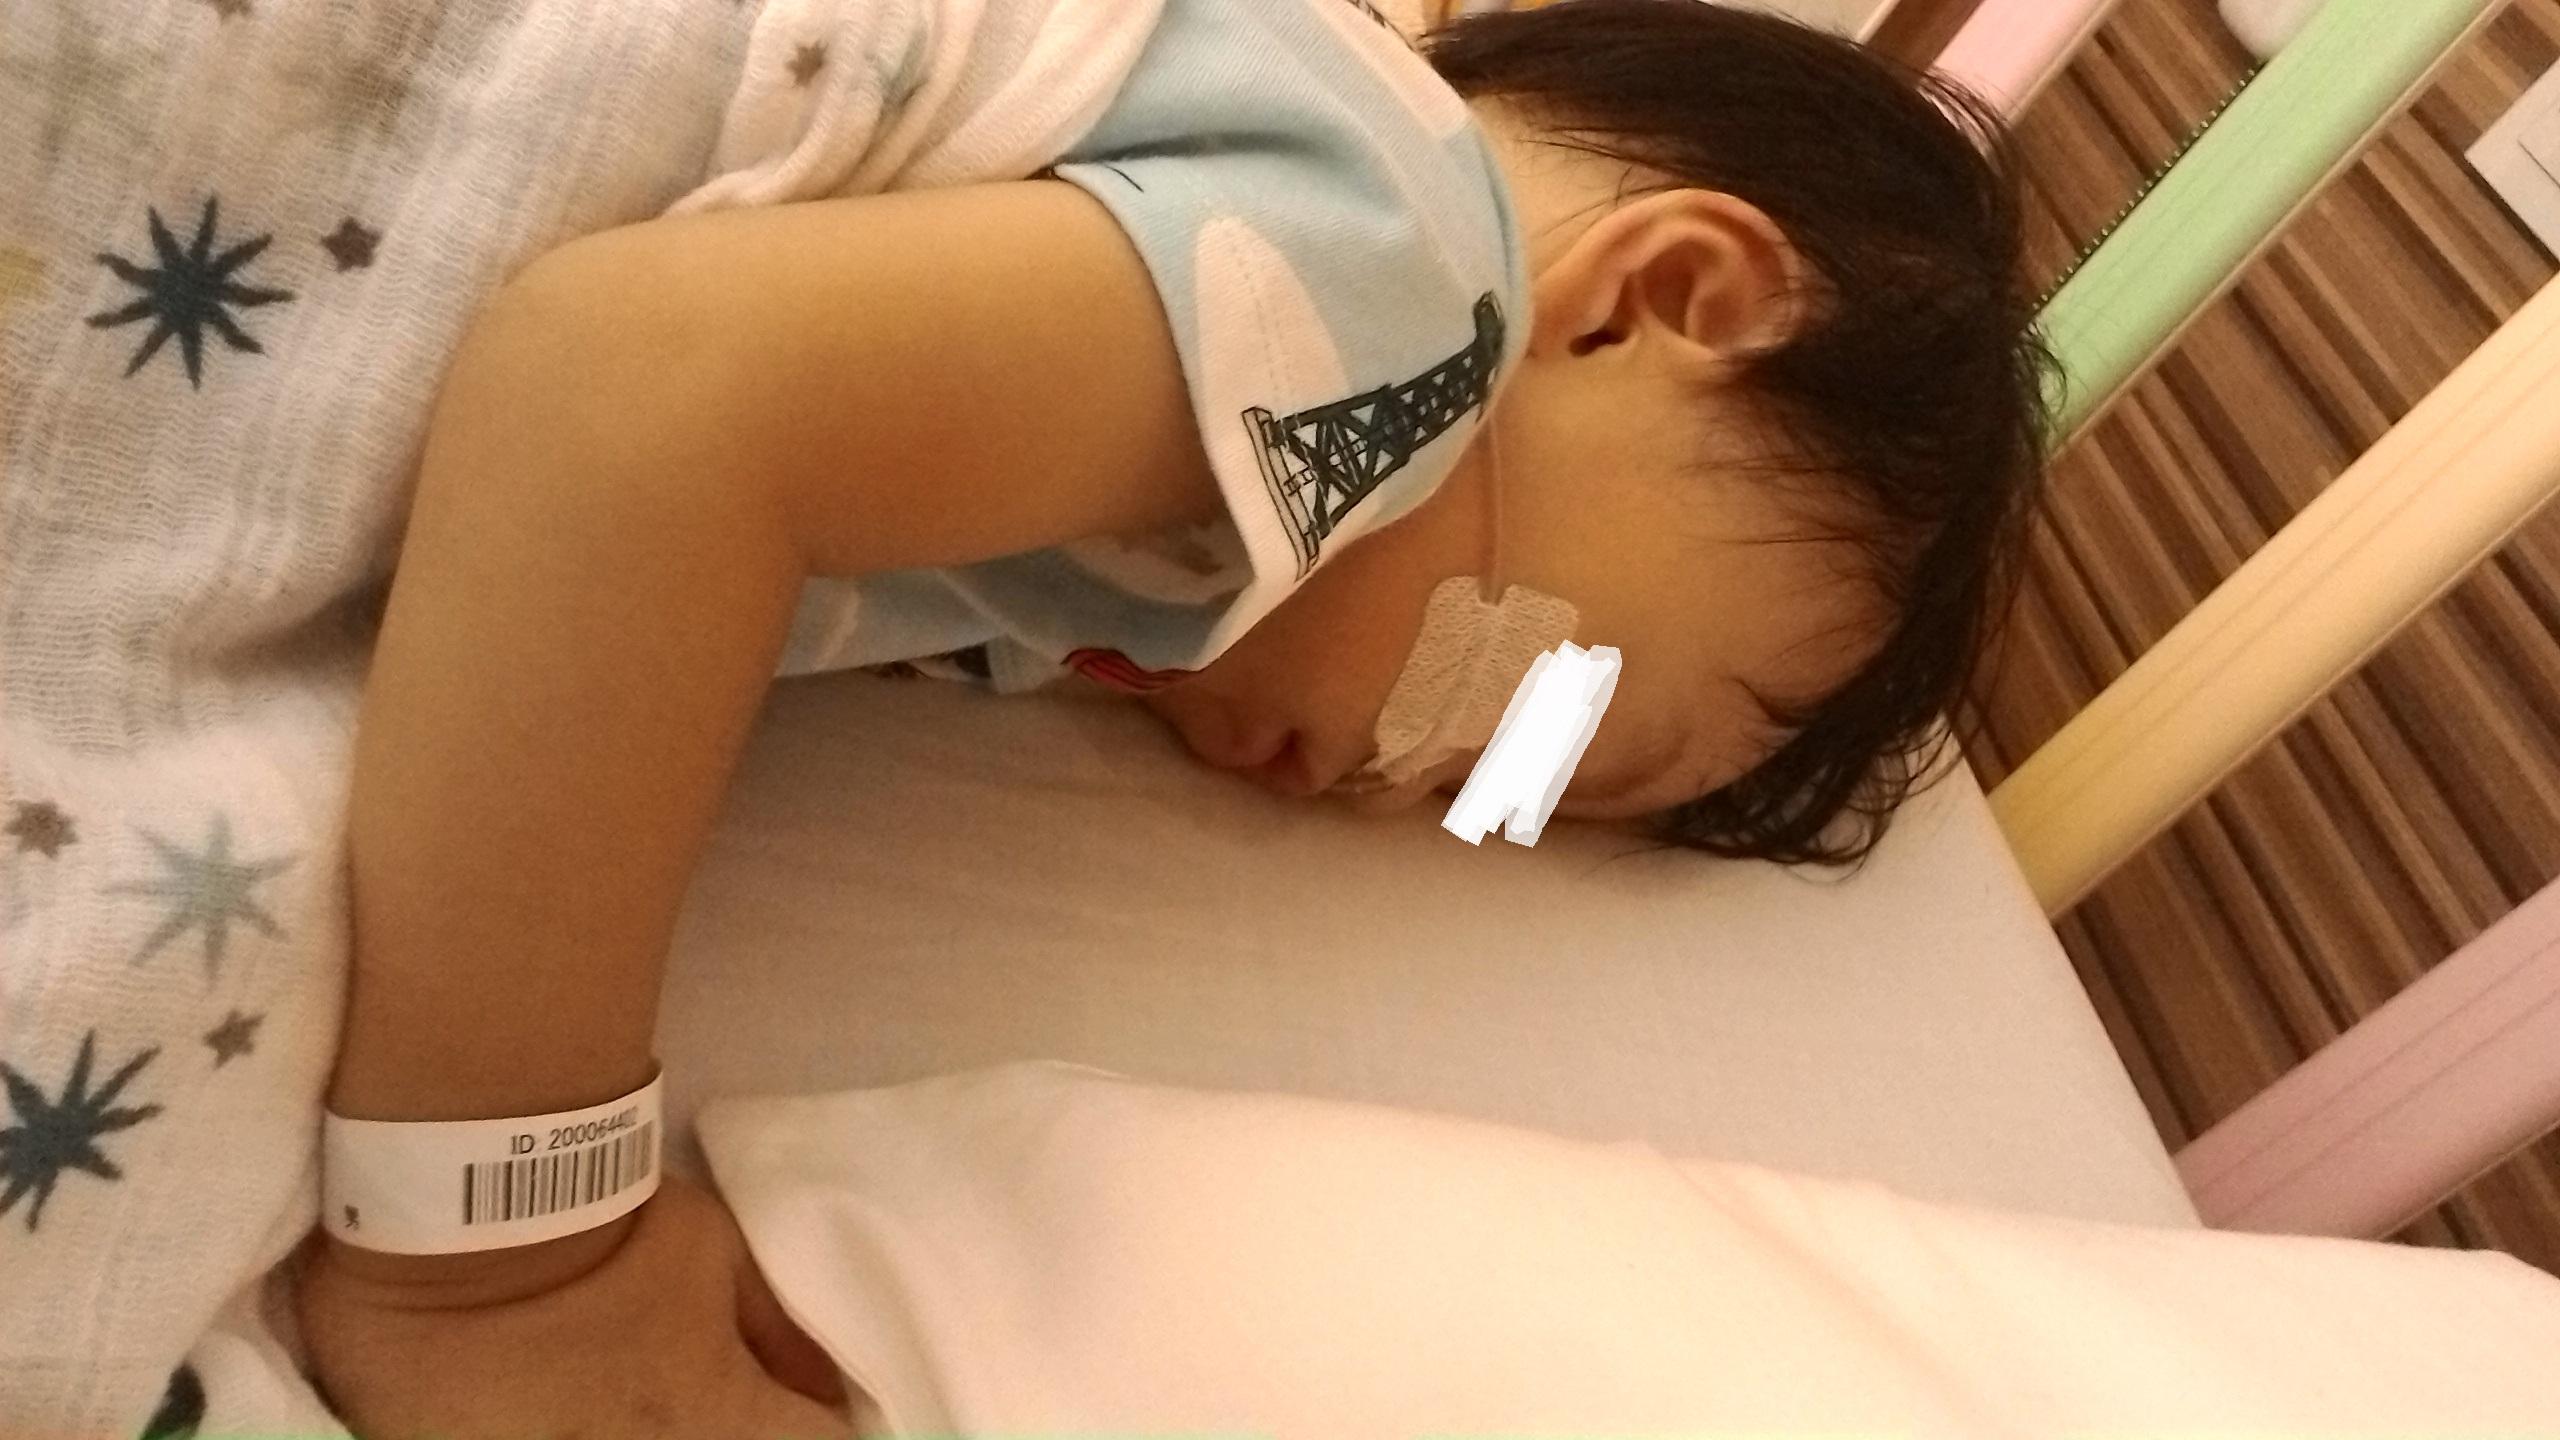 【準備グッズも】入院付き添いはめちゃくちゃストレス!たった5日で体調が悪くなった体験レポ